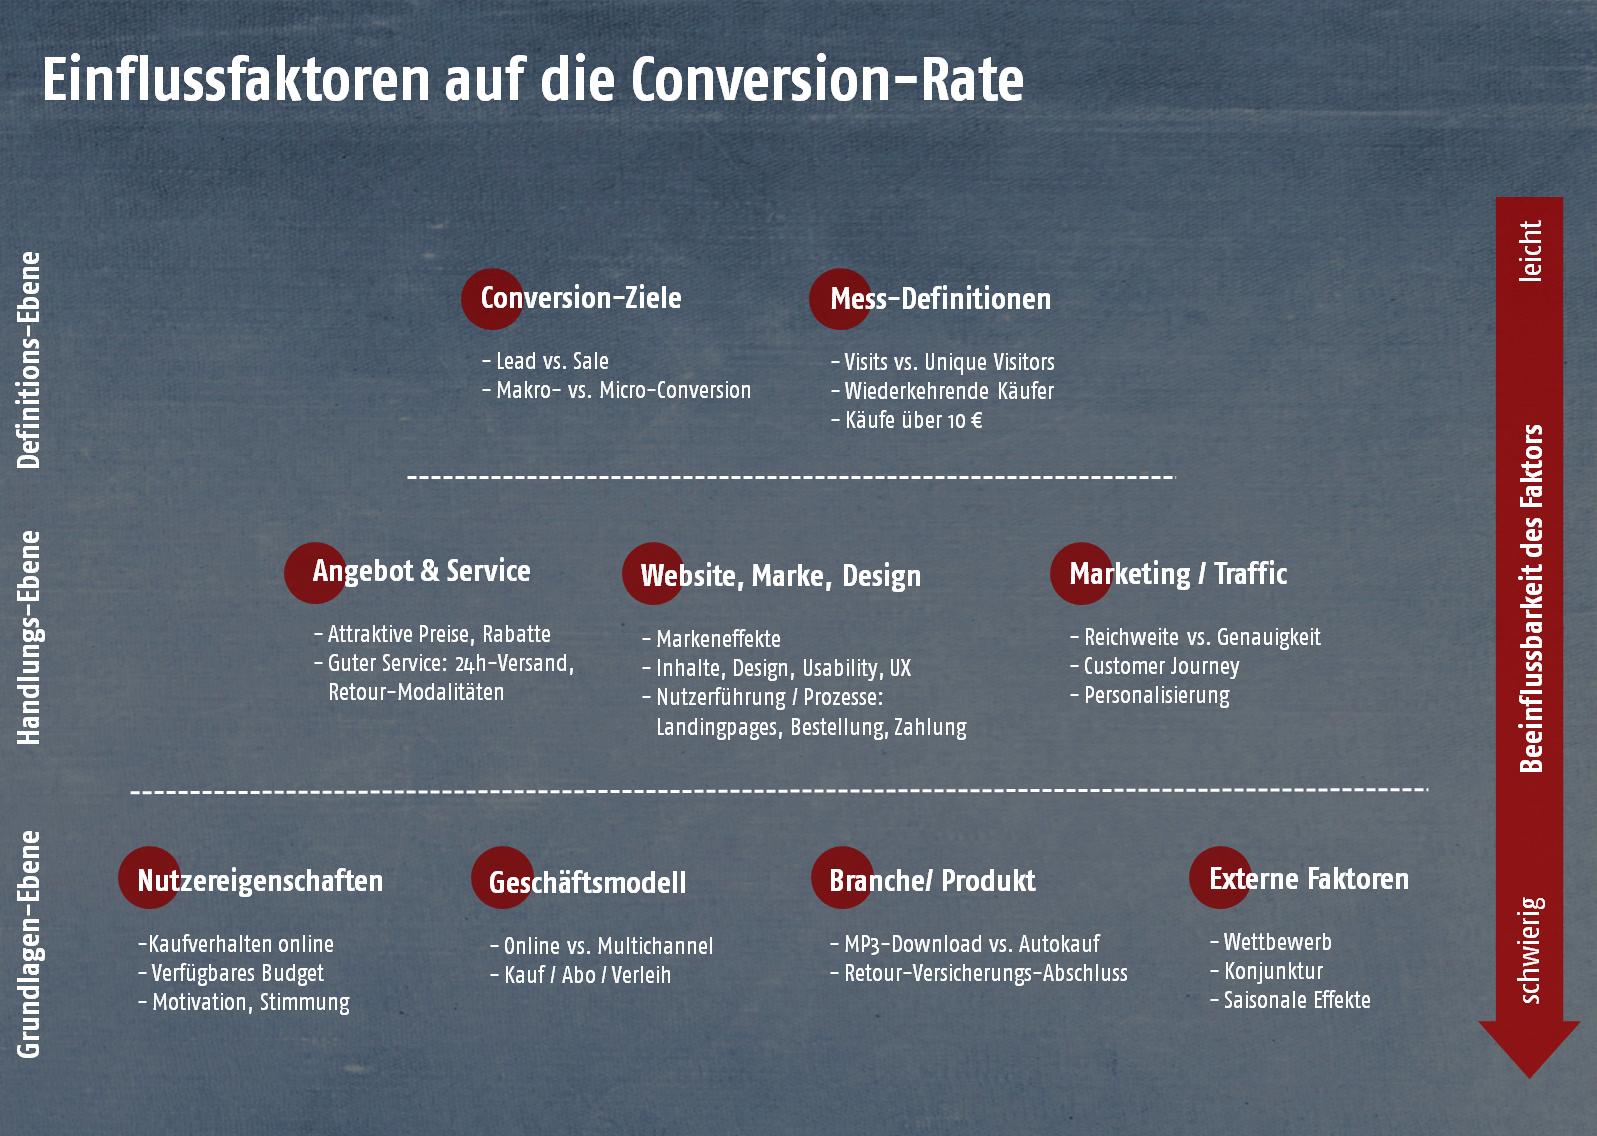 Einflussfaktoren auf die Conversion - Die Conversion-Faktor-Pyramide